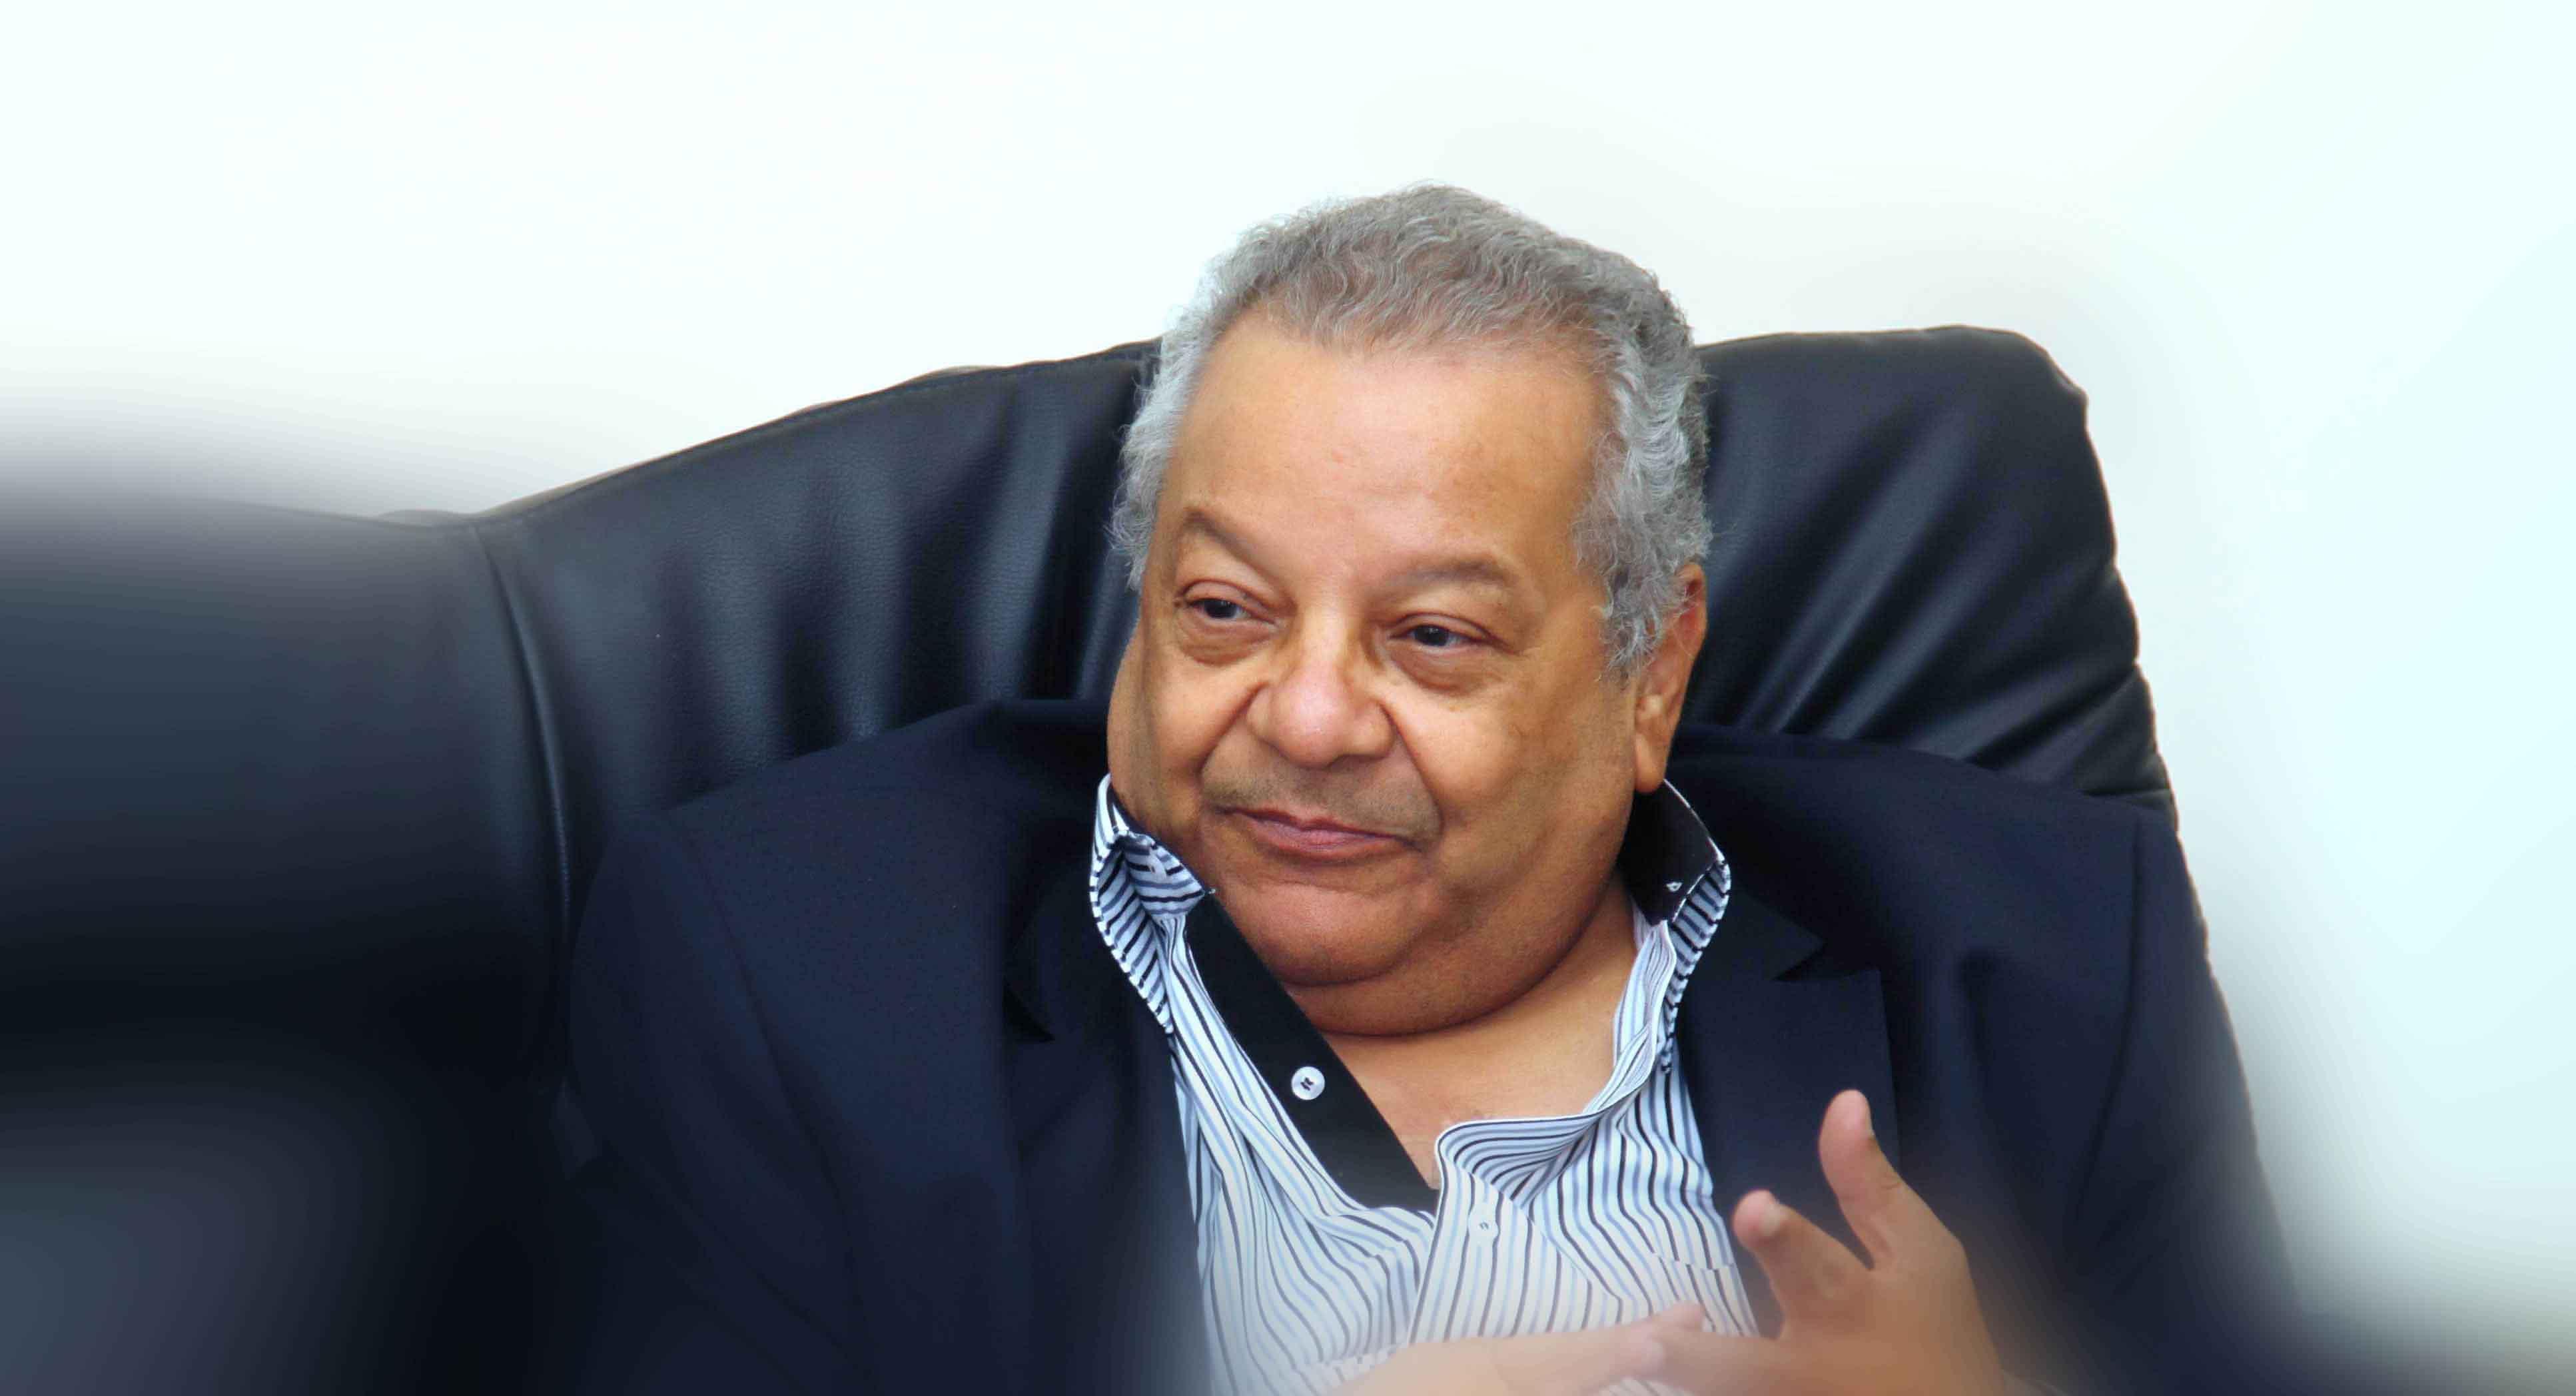 أبوذكري ؛ قناة الزمالك الفضائية إضافة جديدة للإعلام الرياضي